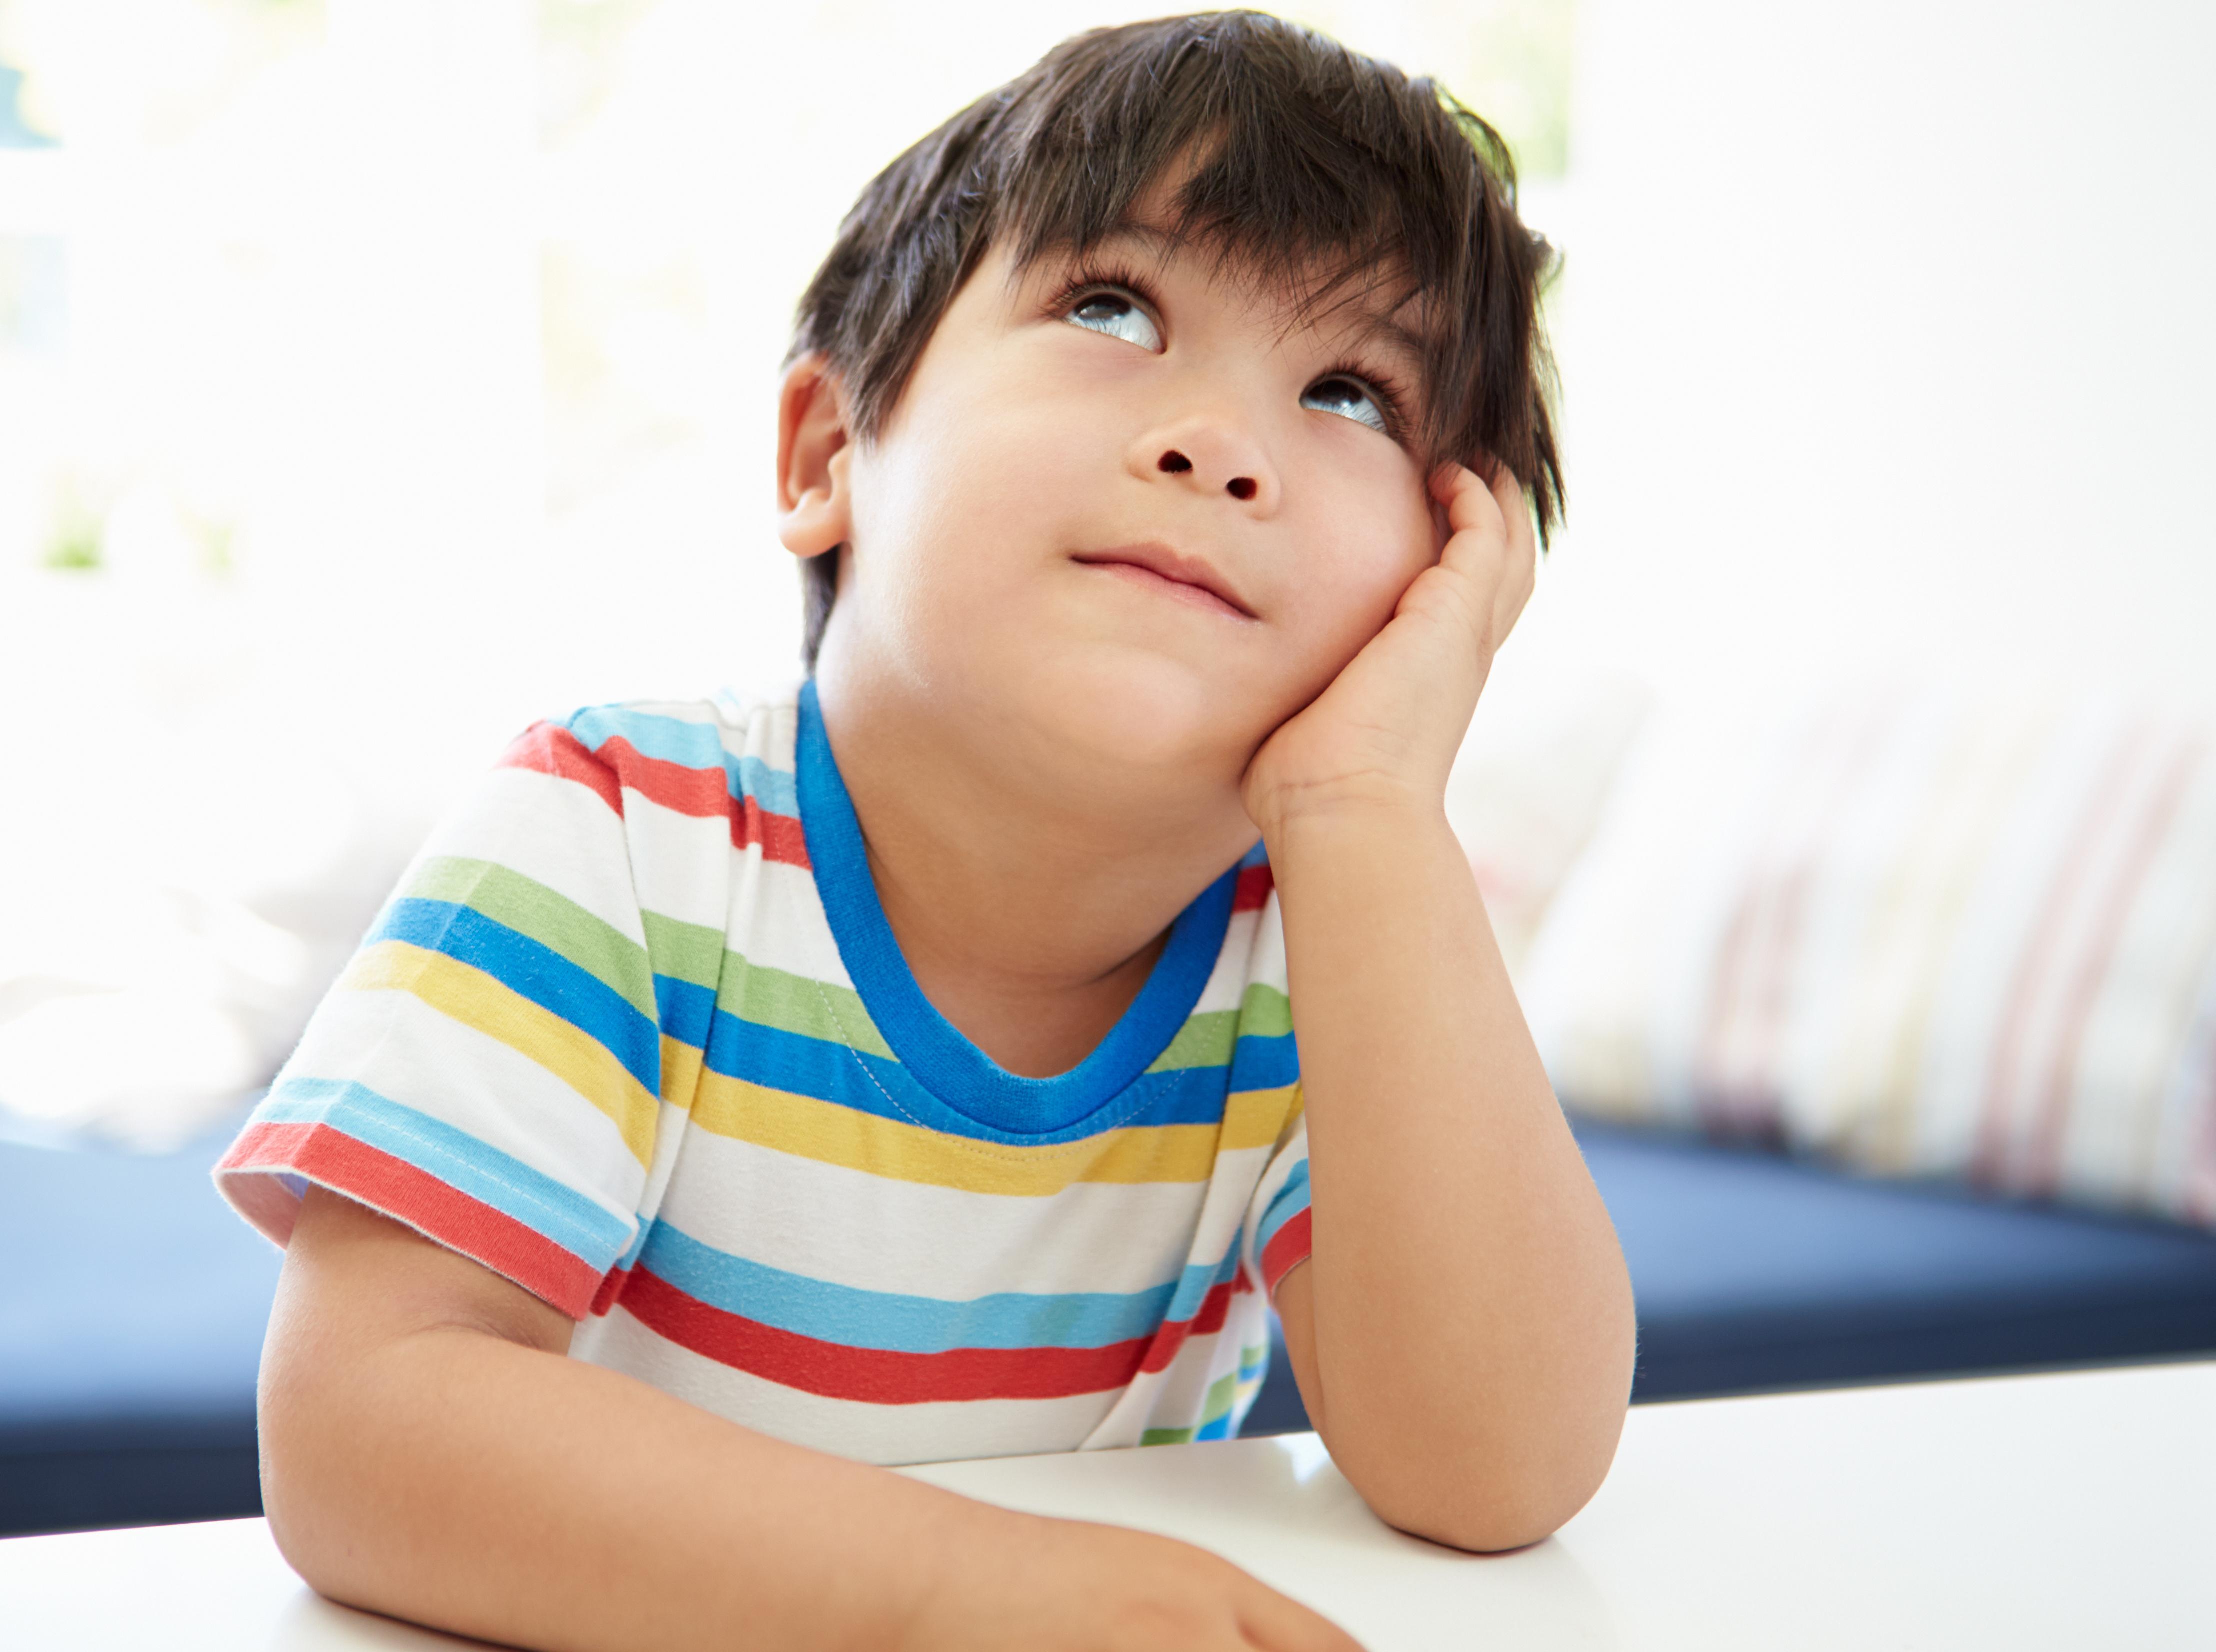 filhos chatos déficit de atenção na infância